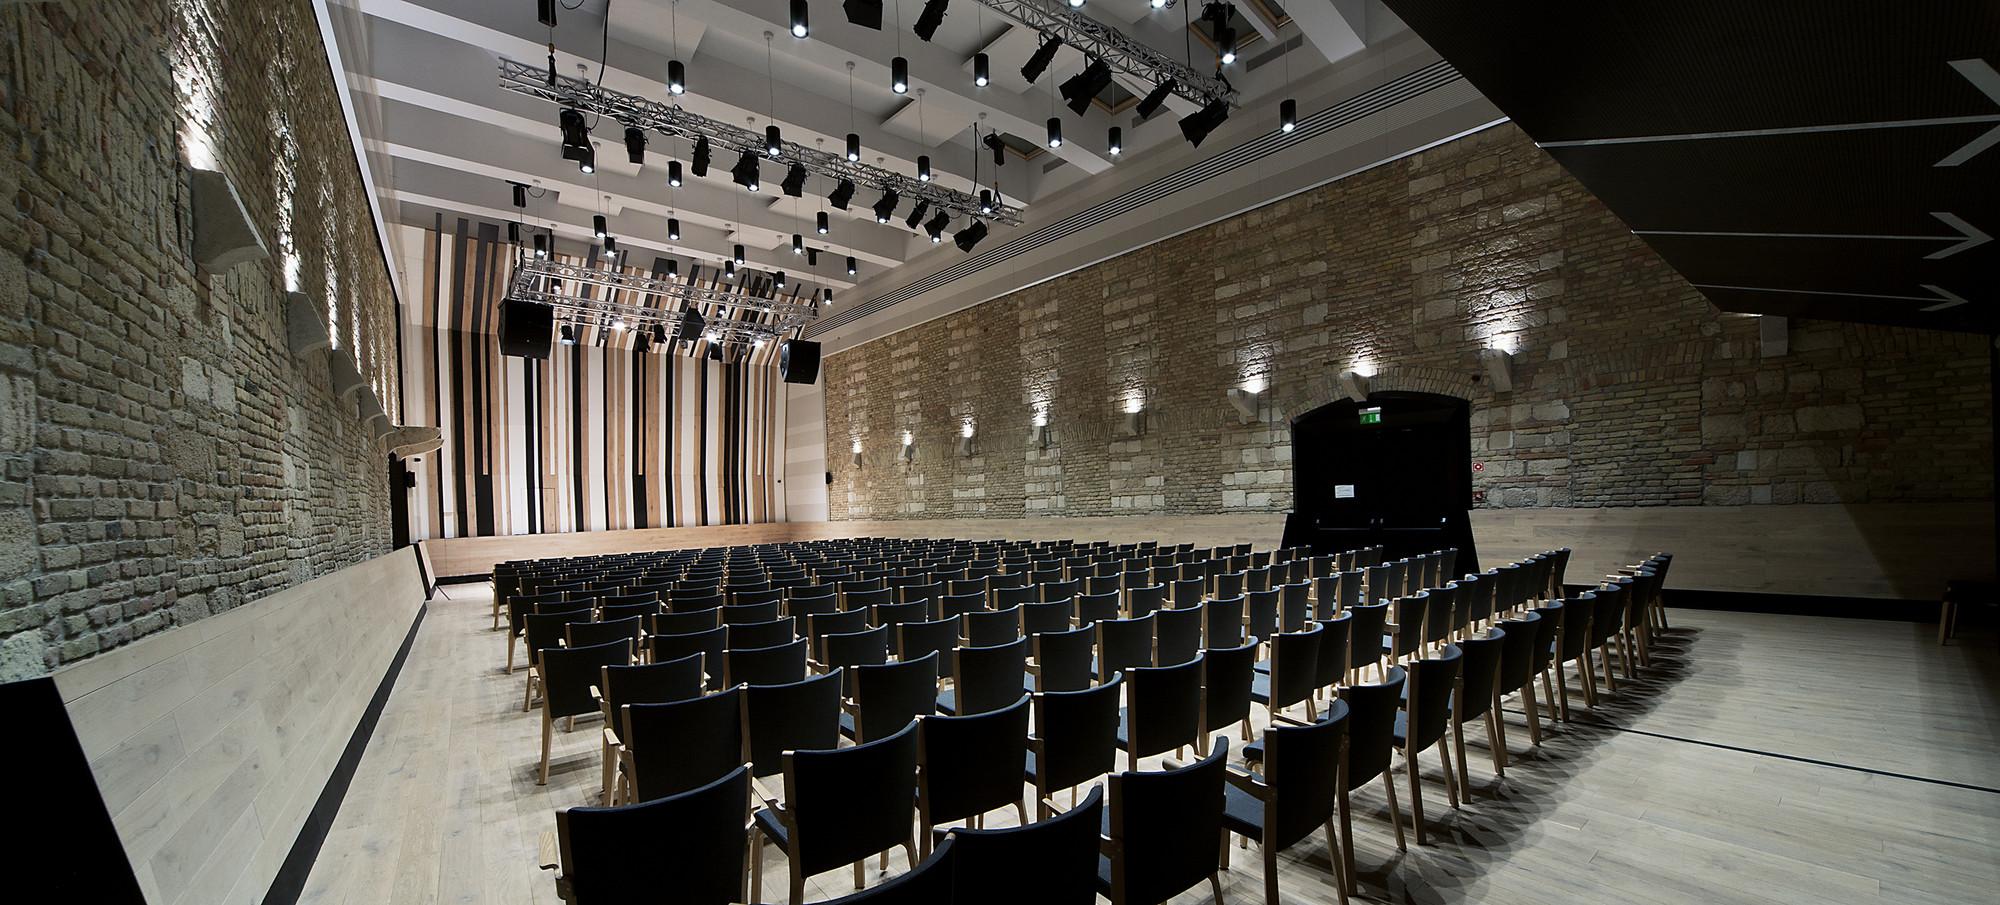 Budapest Music Center Art1st Design Studio - 3